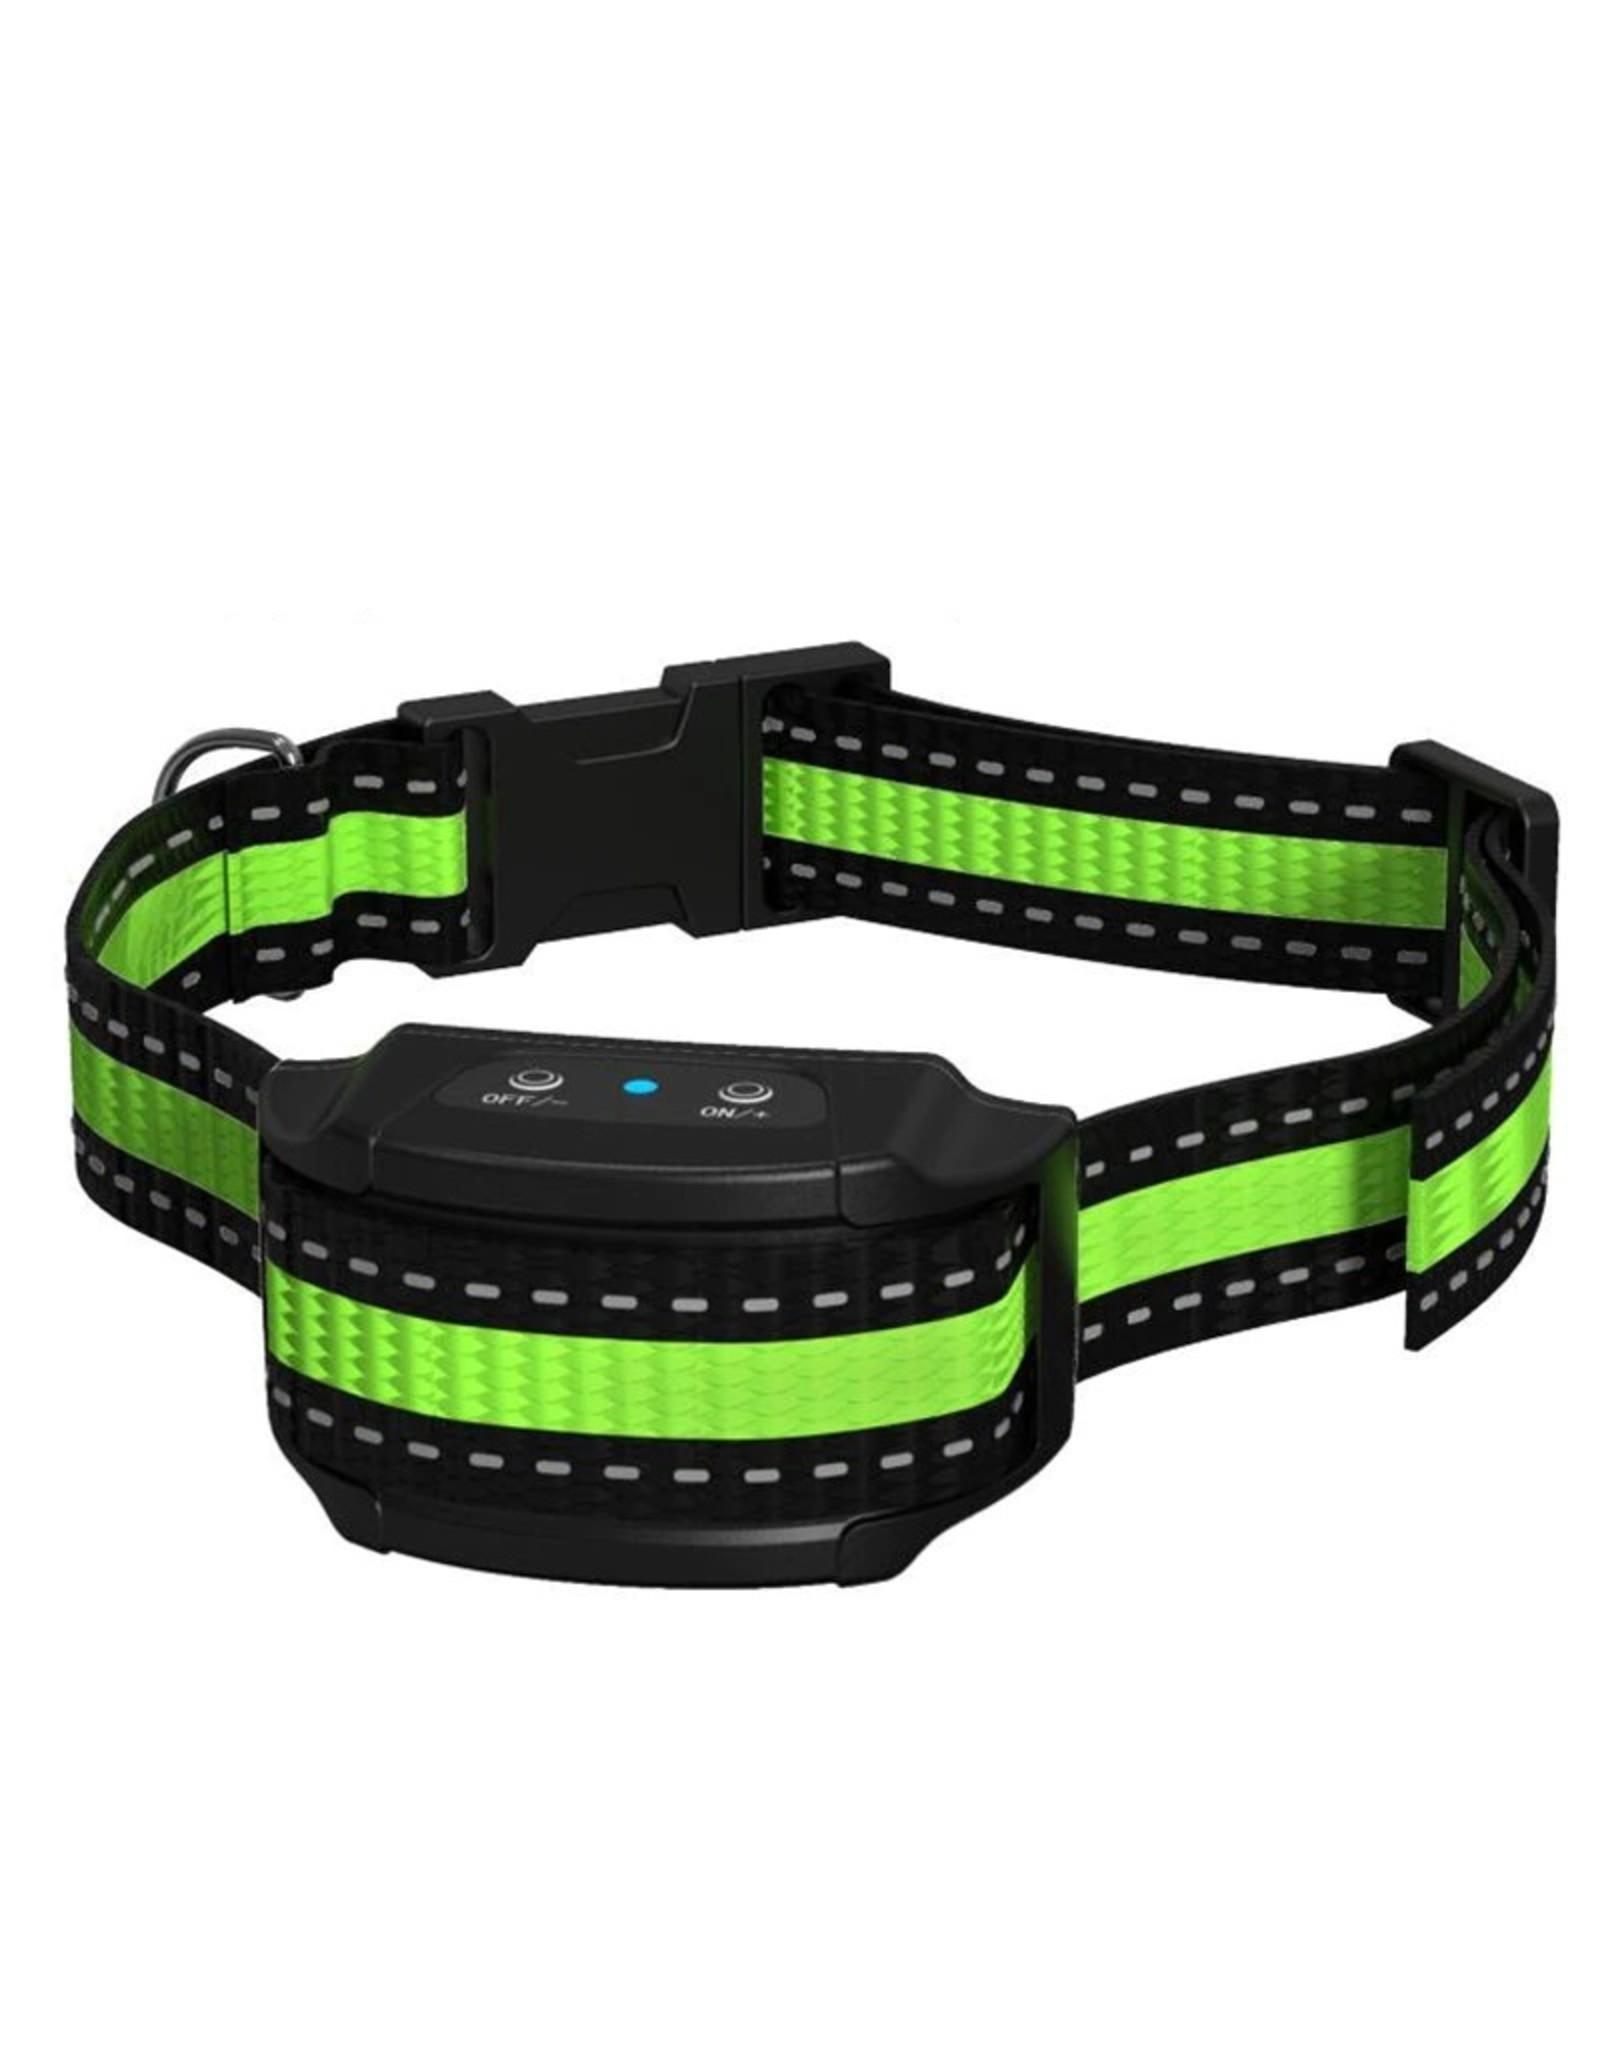 Waterdichte oplaadbare antischors halsband Geen blaffen halsband Elektrische halsband voor hondenversterking Hond Trainingsapparatuur Anti-blaf